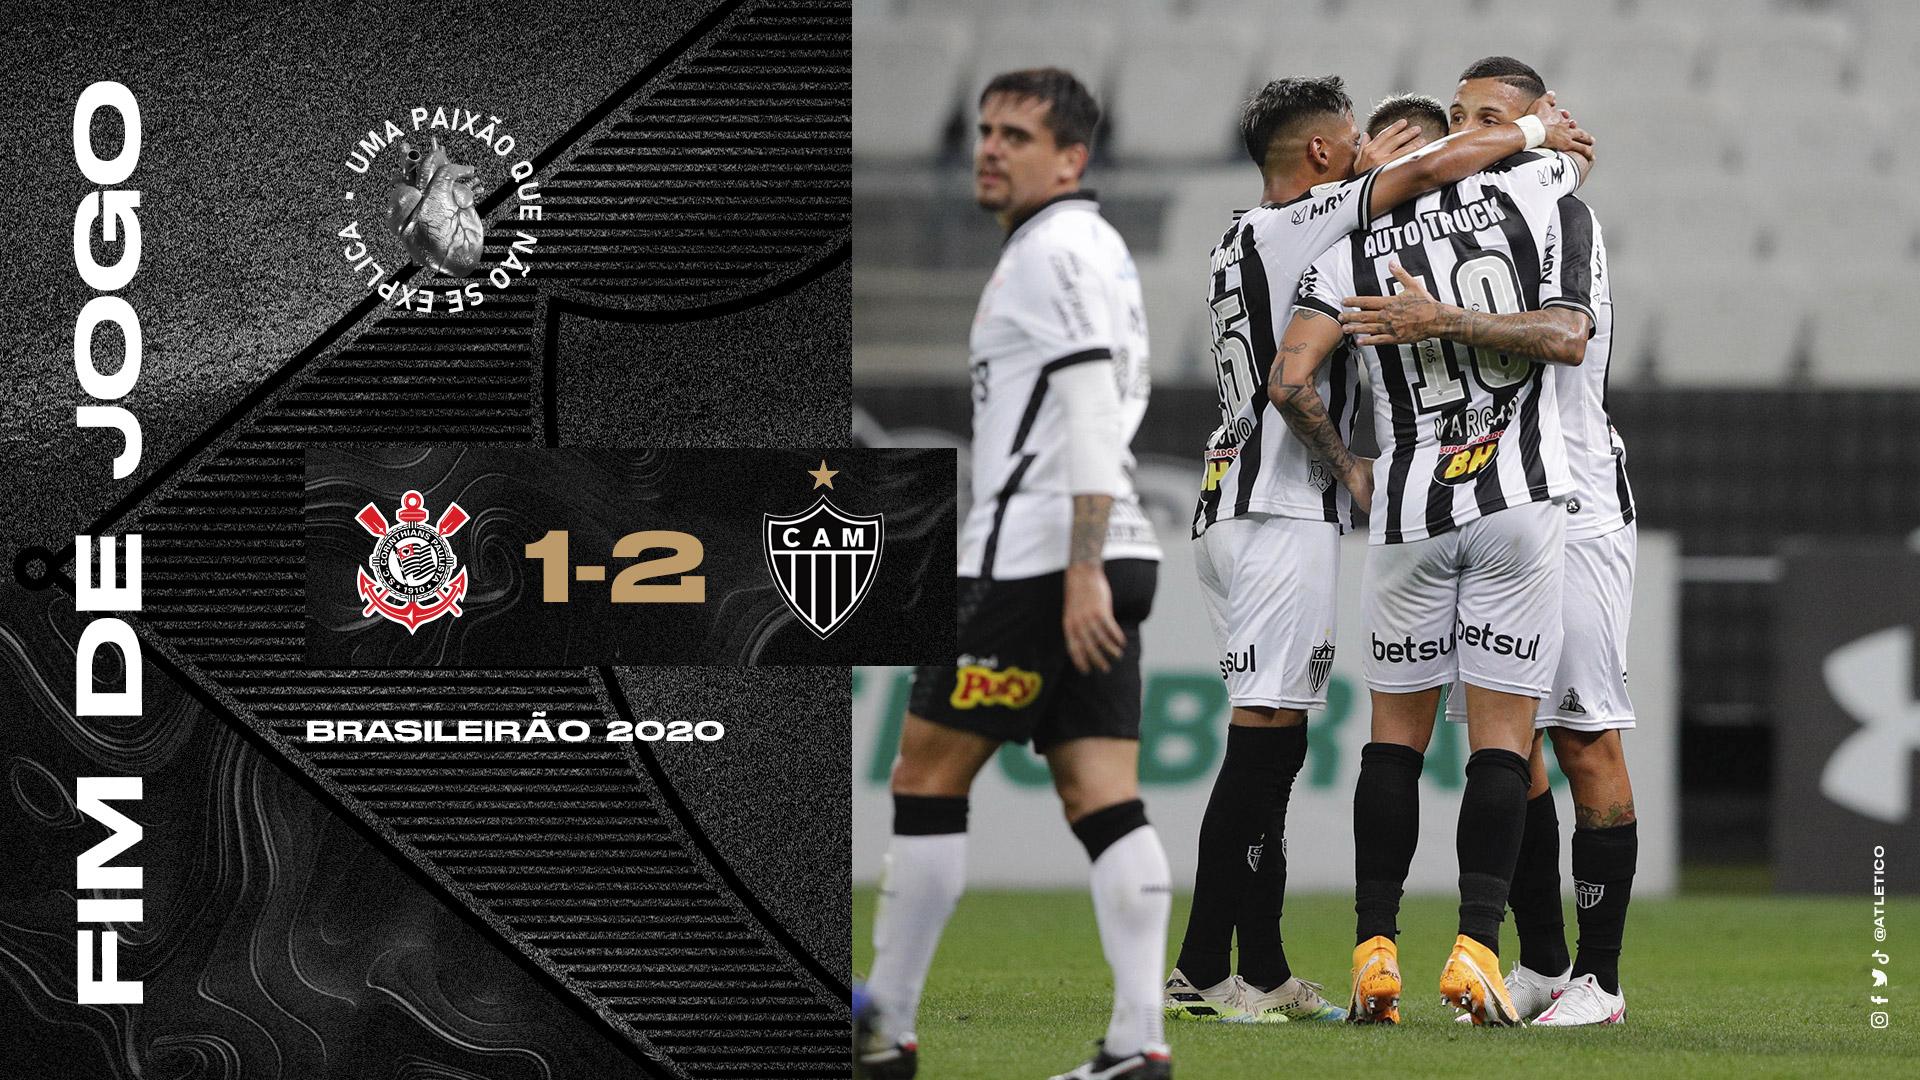 Corinthians 1x2 Atlético-MG Brasileirão 2020